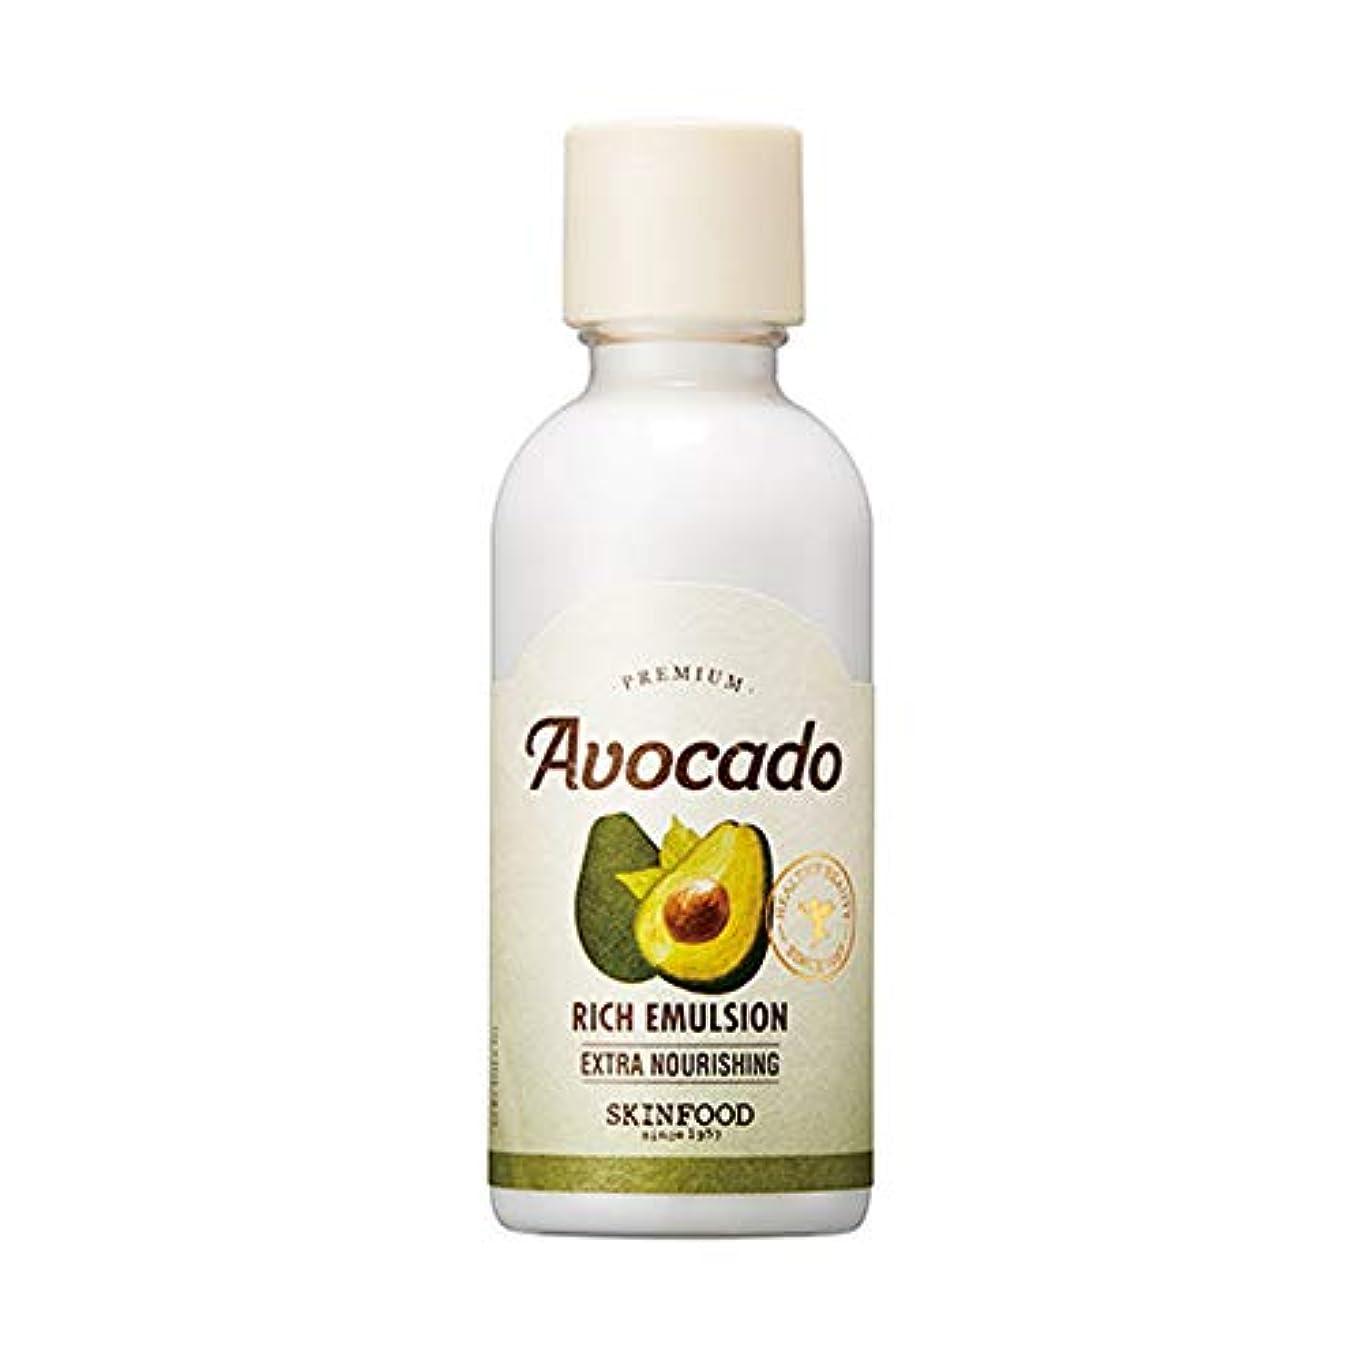 十かなり中央値Skinfood プレミアムアボカドリッチエマルジョン/Premium Avocado Rich Emulsion 160ml [並行輸入品]